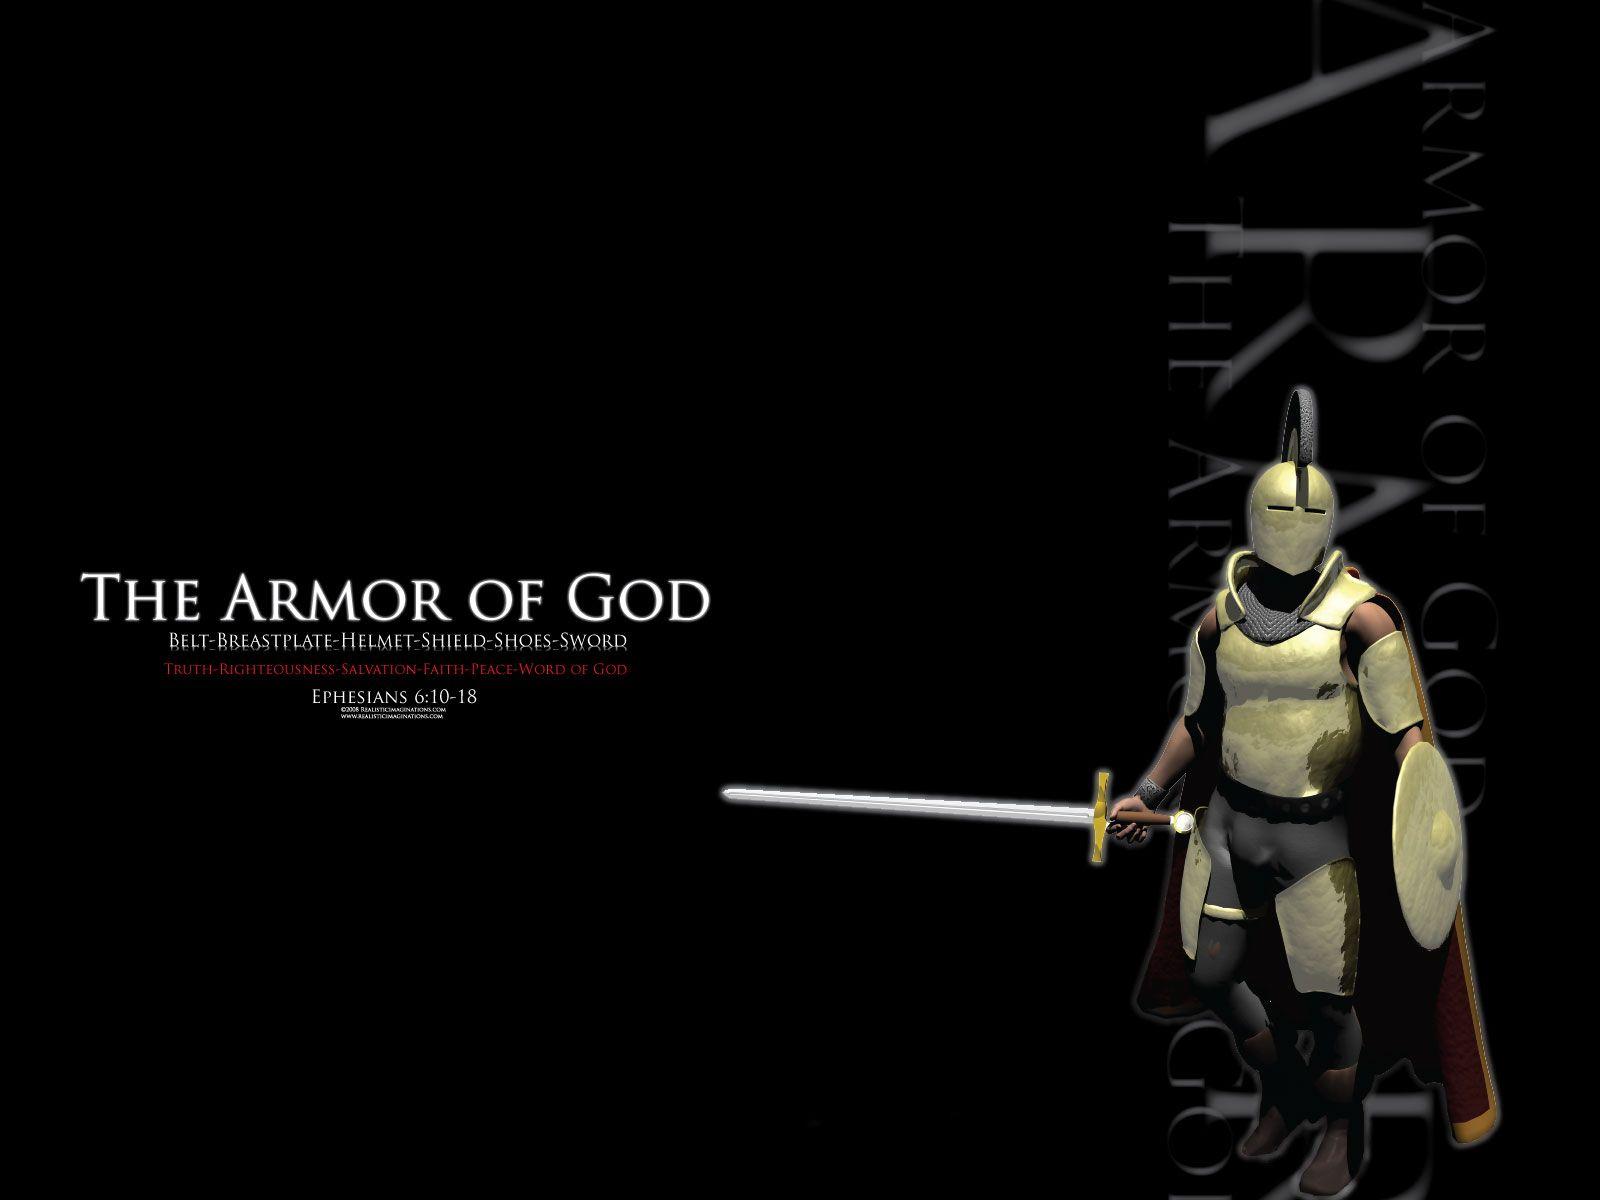 PowerPoint Ephesians 6 Armor God